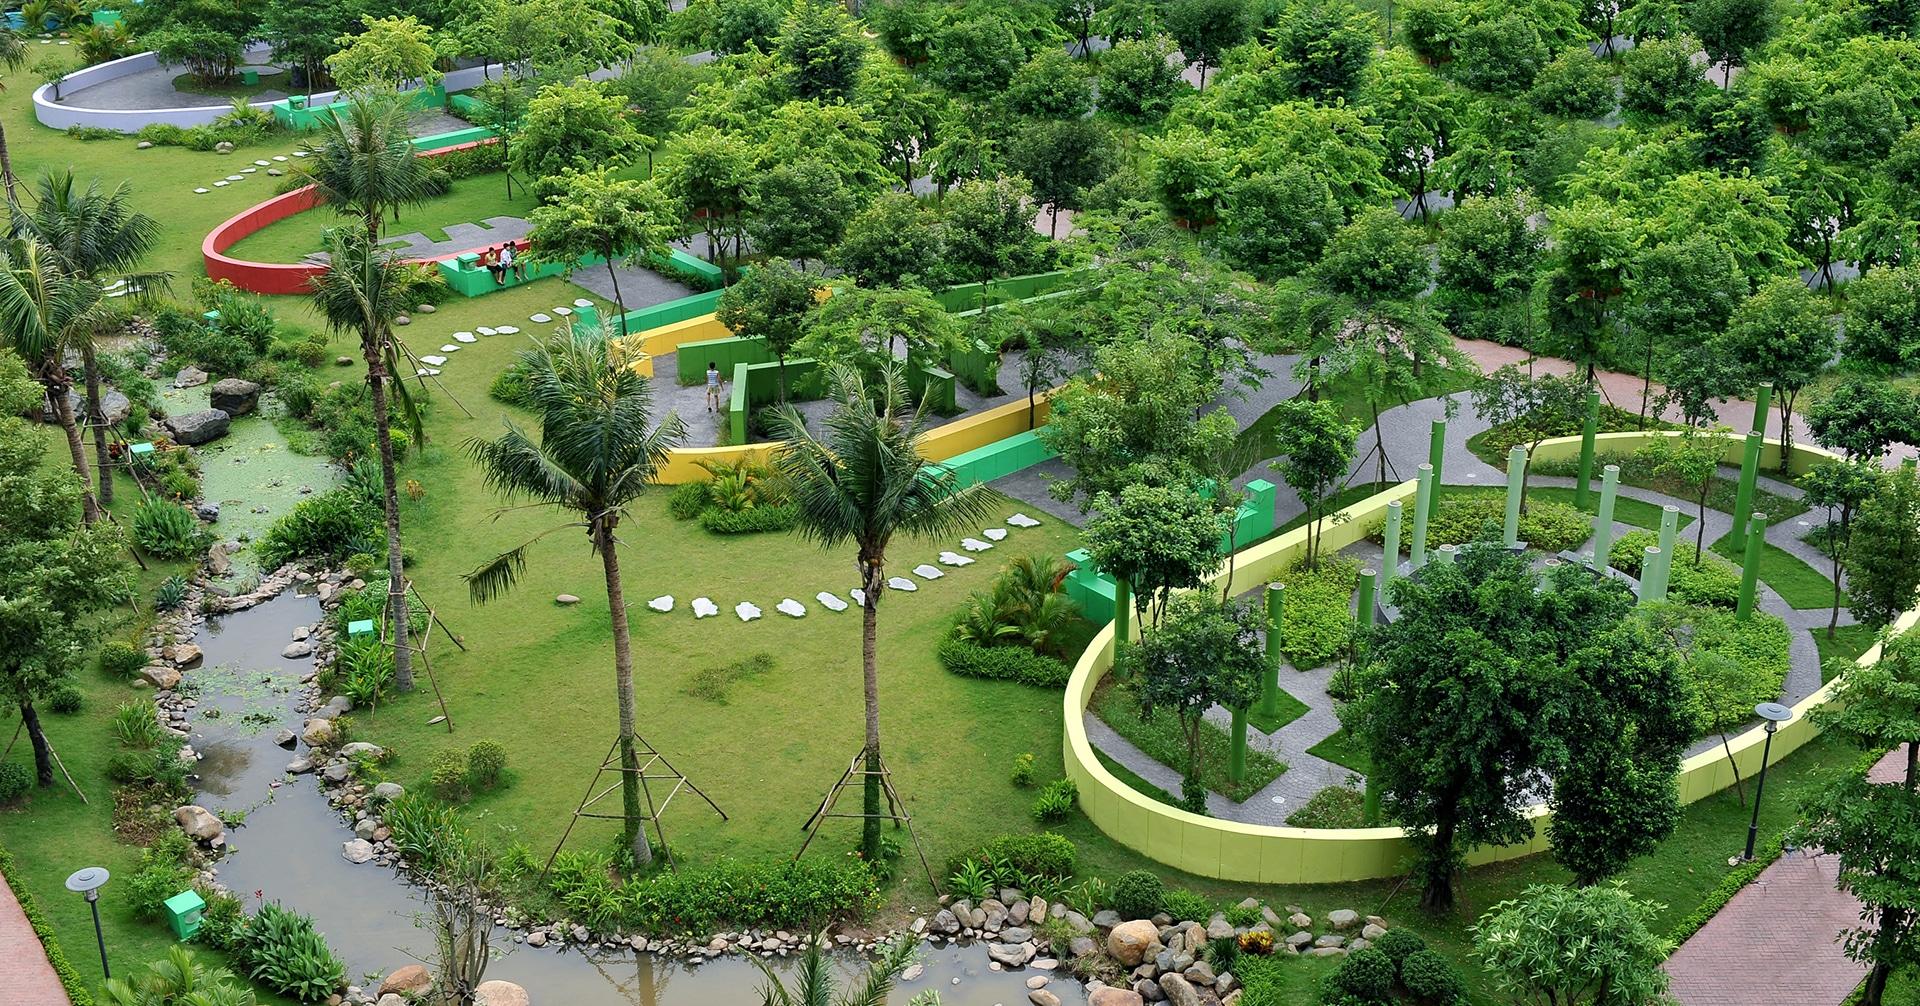 Công viên Trung tâm 6 giác quan hiện hữu chung cư hồng hà eco city